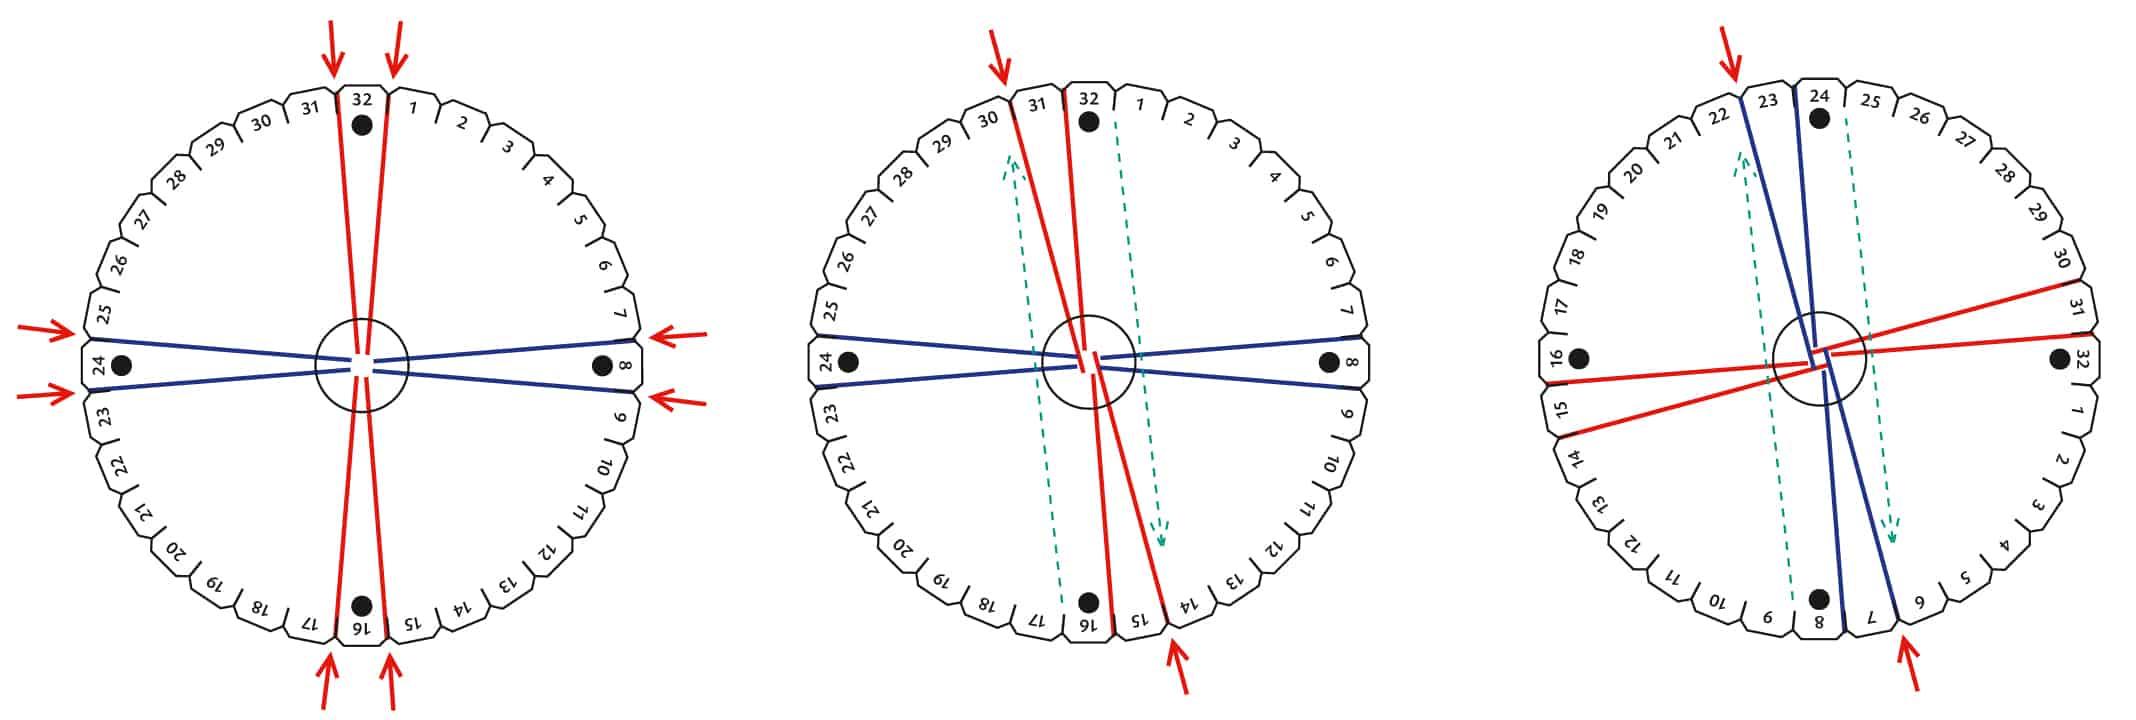 Kumihimo Fädeln - schematische Dartsellung